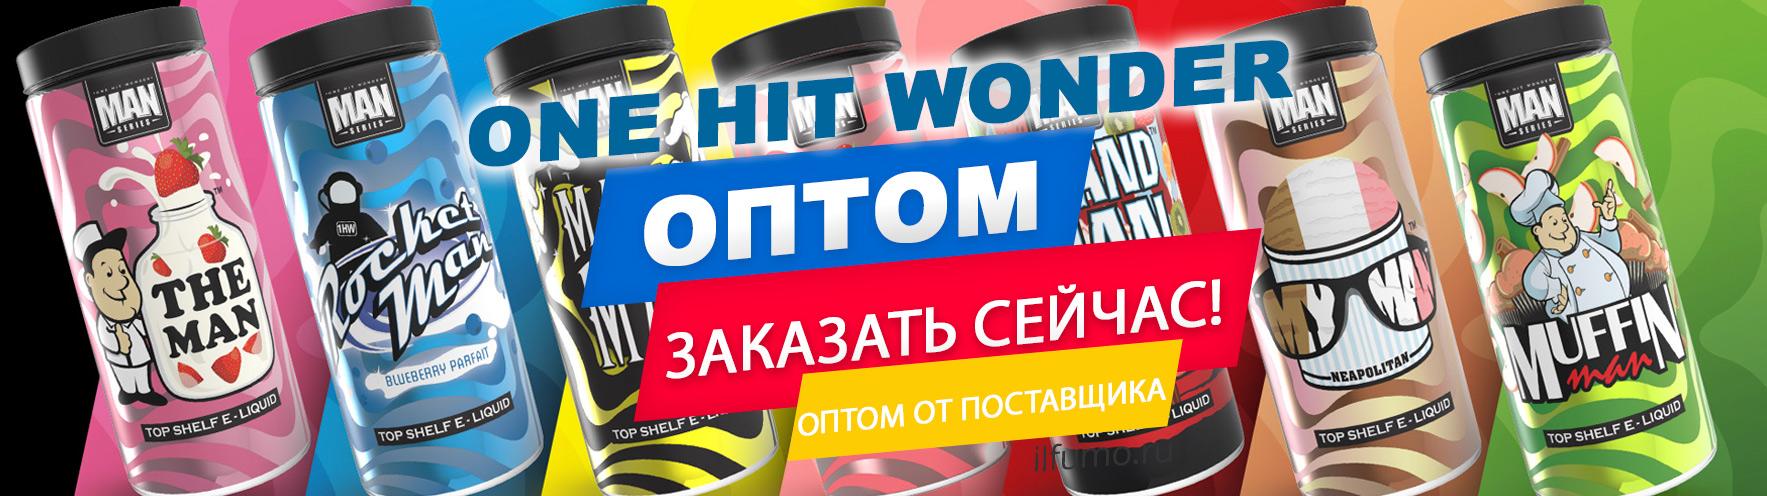 one hit wonder muffin man - Жидкость One Hit Wonder Salt 30 мл